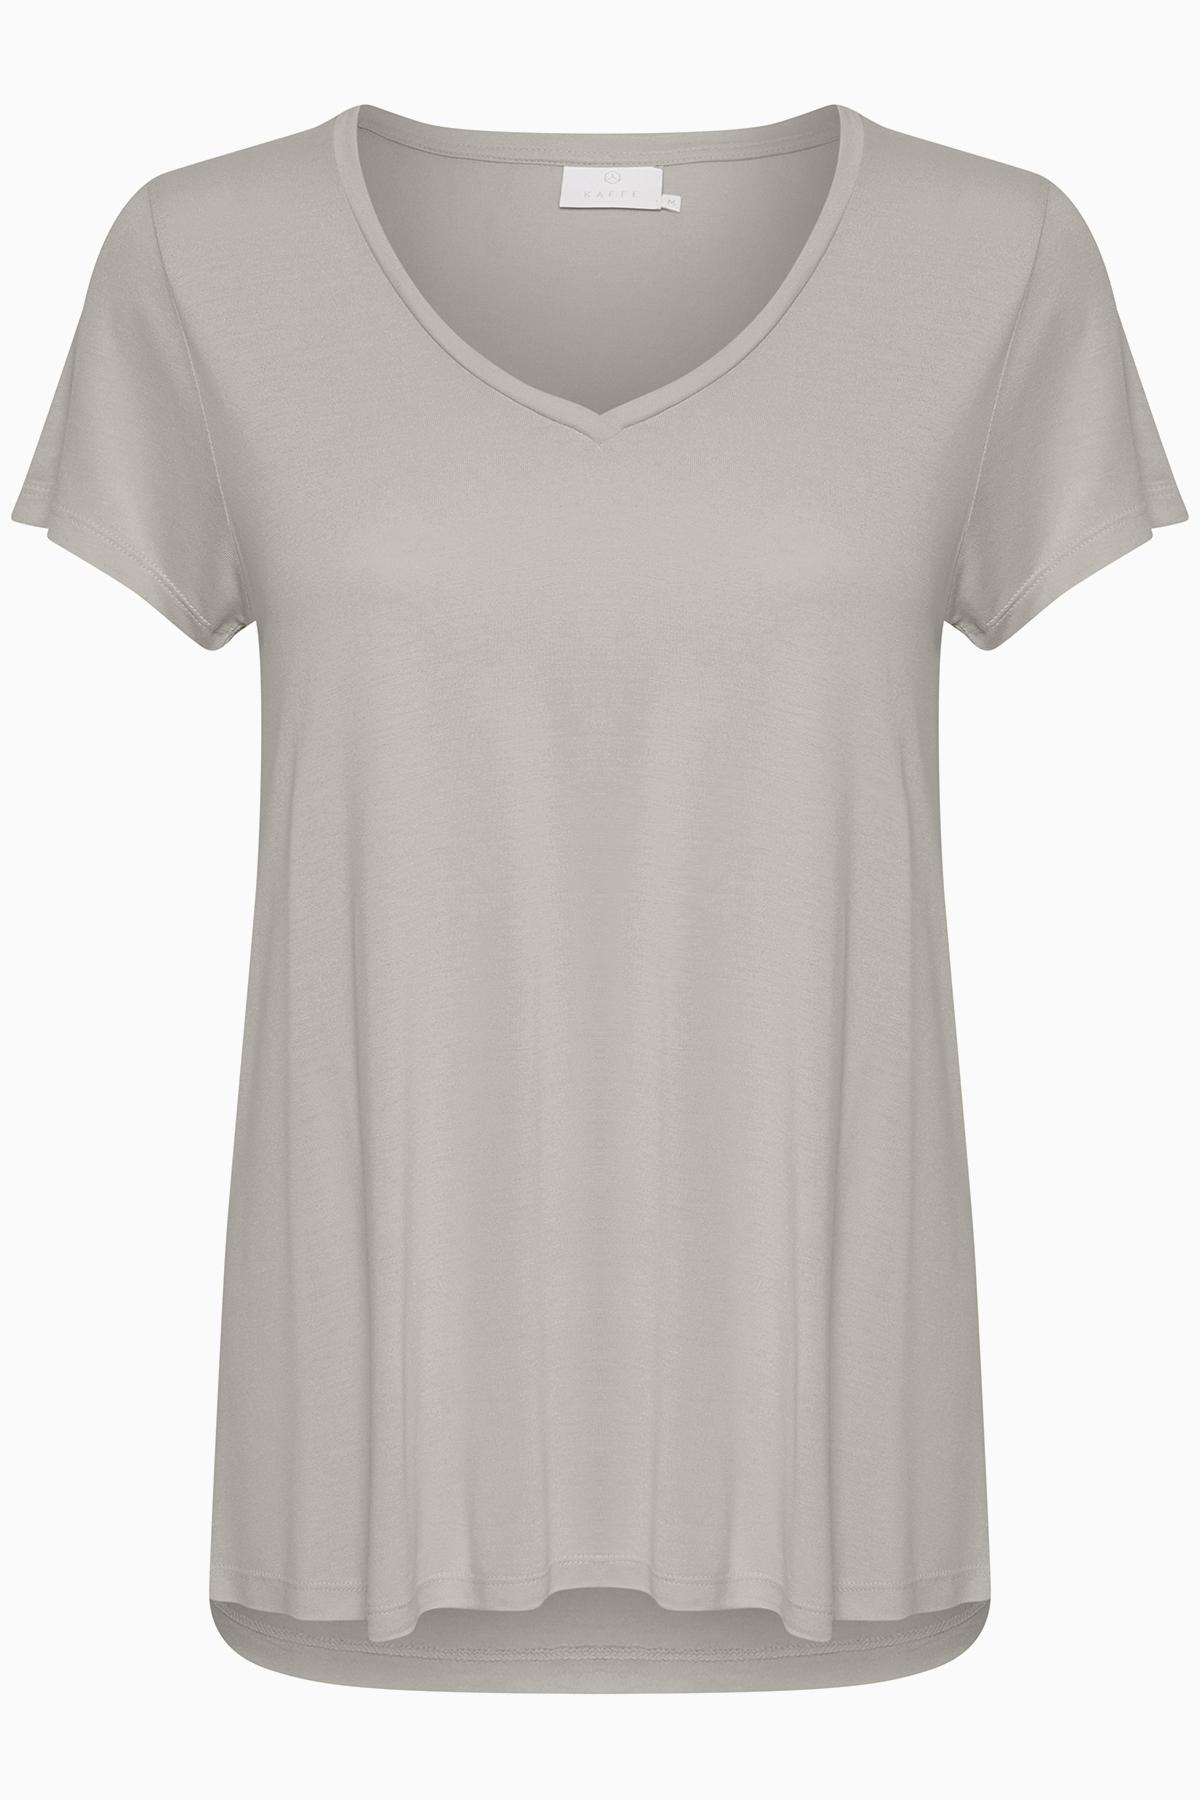 Ljus gråmelerad Kortärmad T-shirt från Kaffe – Köp Ljus gråmelerad Kortärmad T-shirt från stl. XS-XXL här